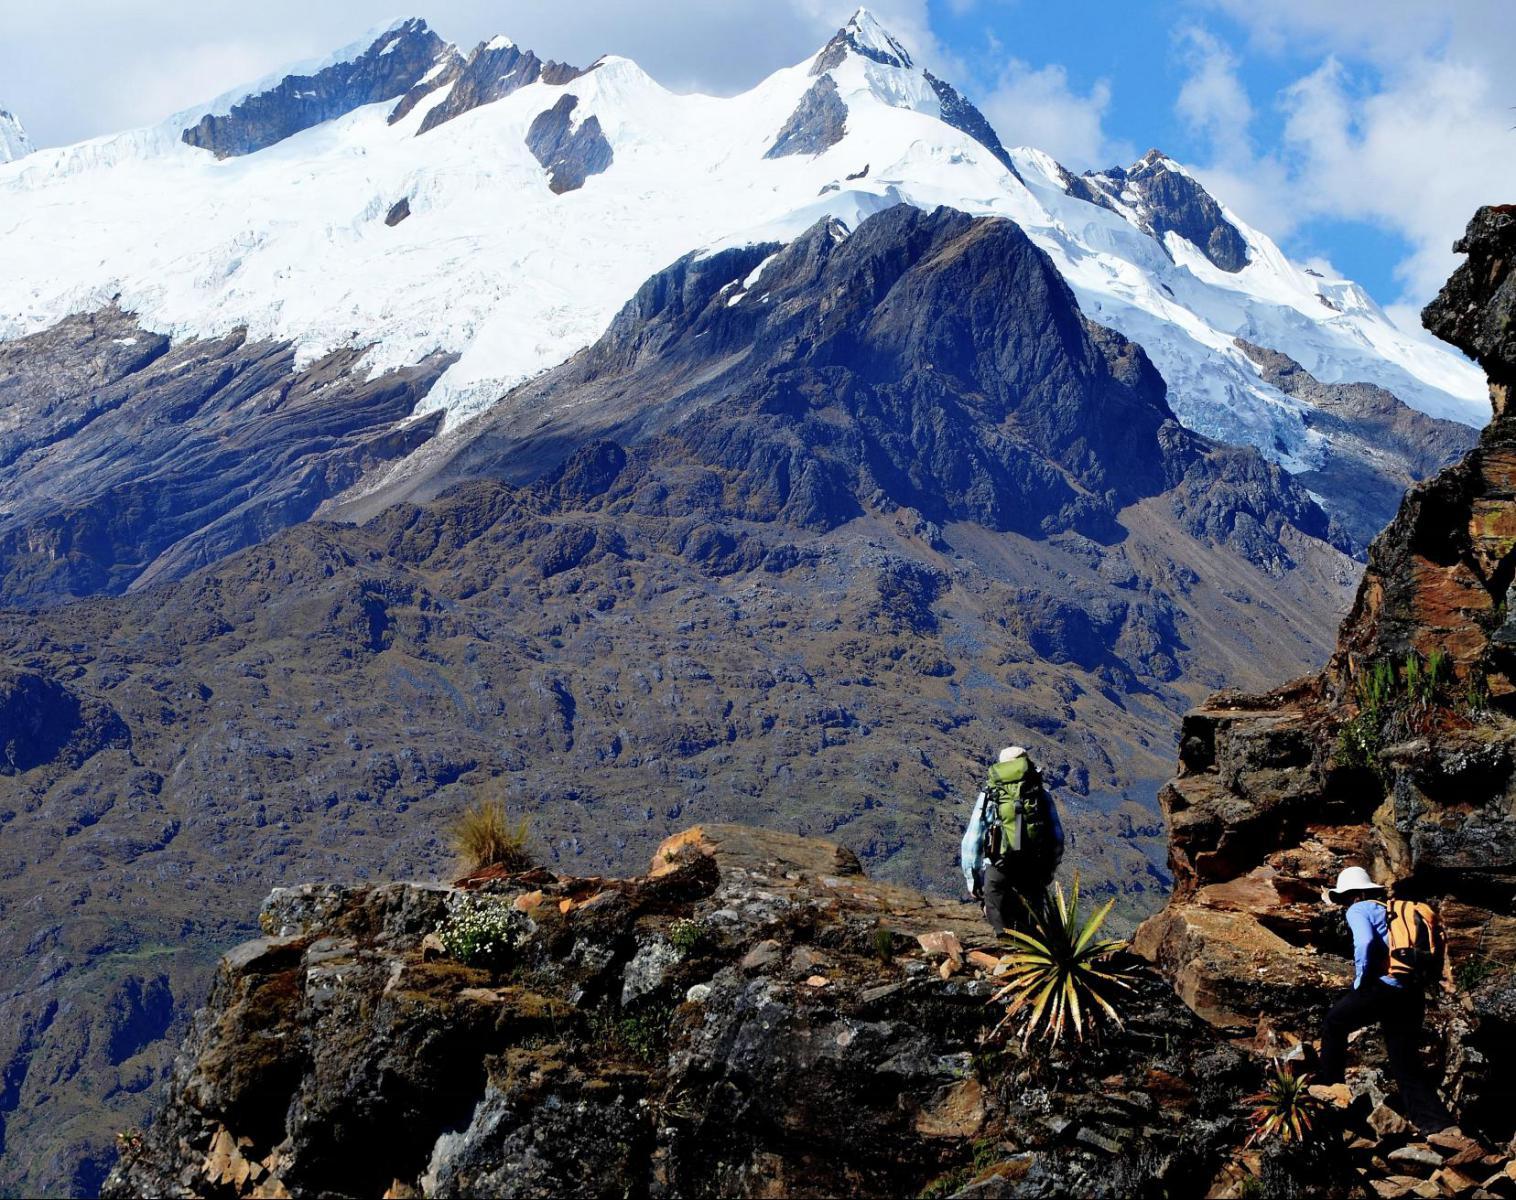 Pérou  L'Odyssée Andine Etape 2 : Au-delà de Machu Picchu, dans les pas des Incas   Découverte Trek & Randonnée Rencontres et cultures du Monde